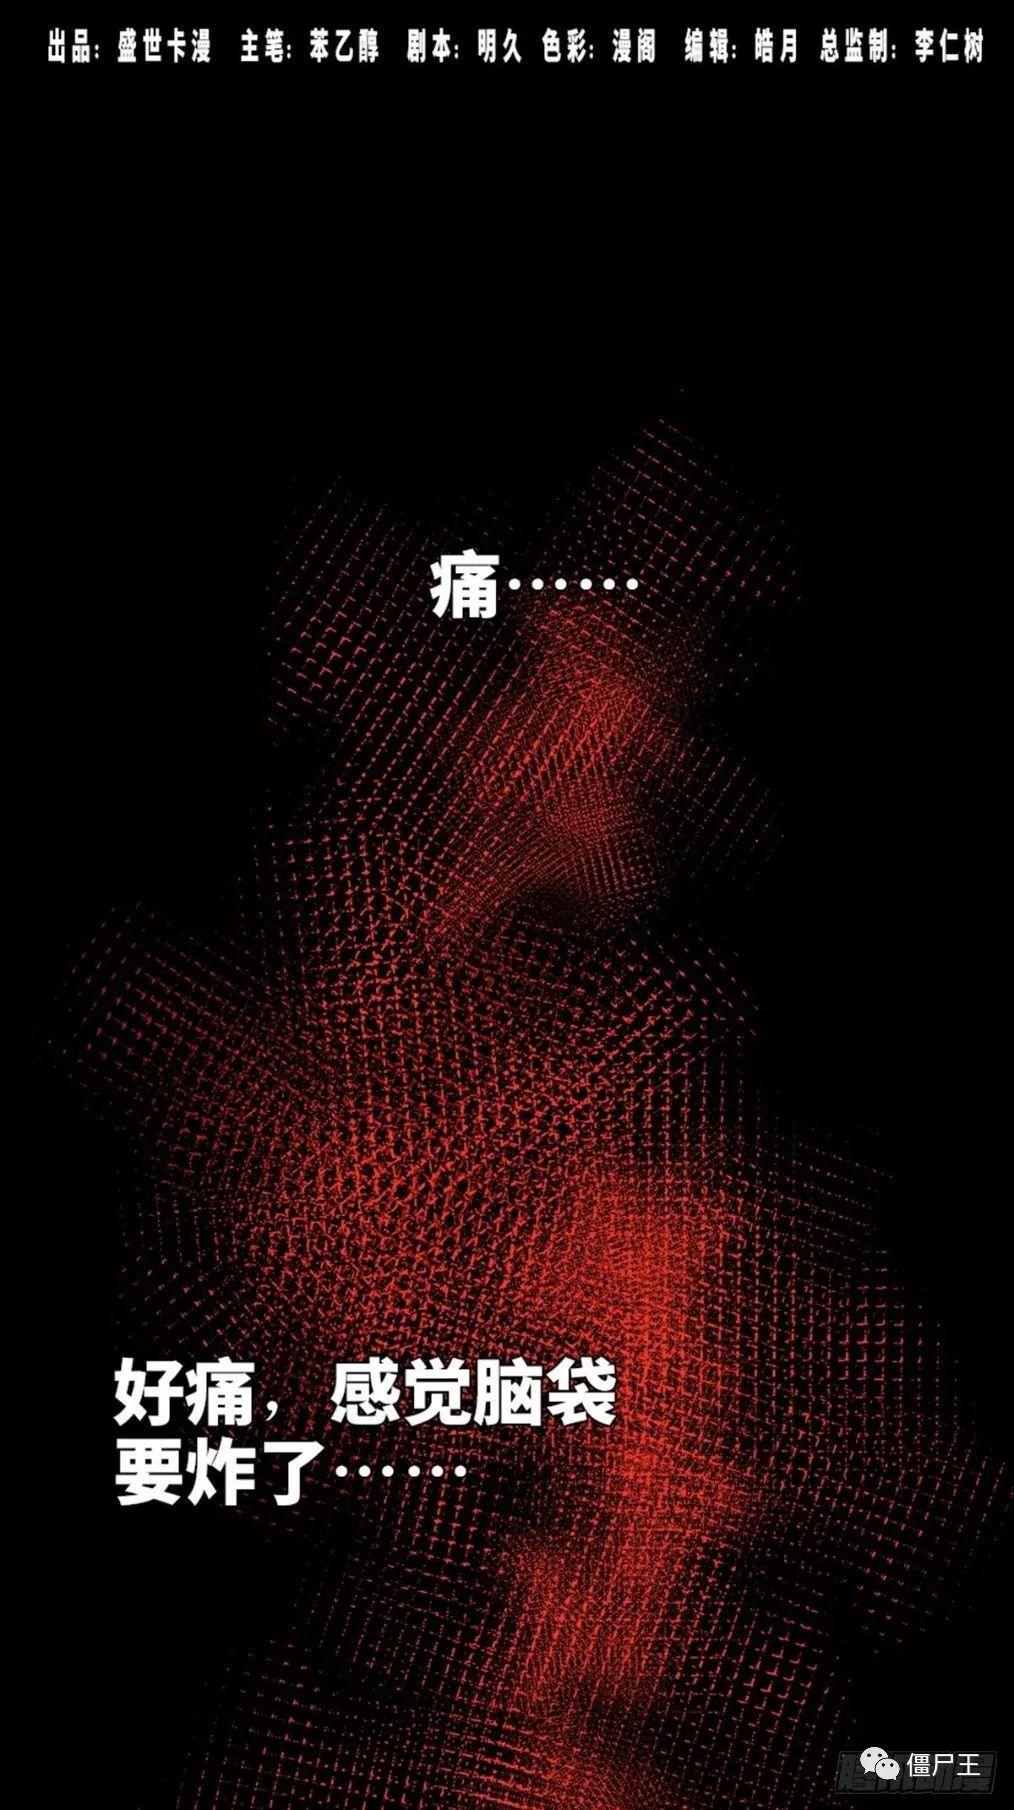 僵尸王漫画:心跳300秒之地狱之歌